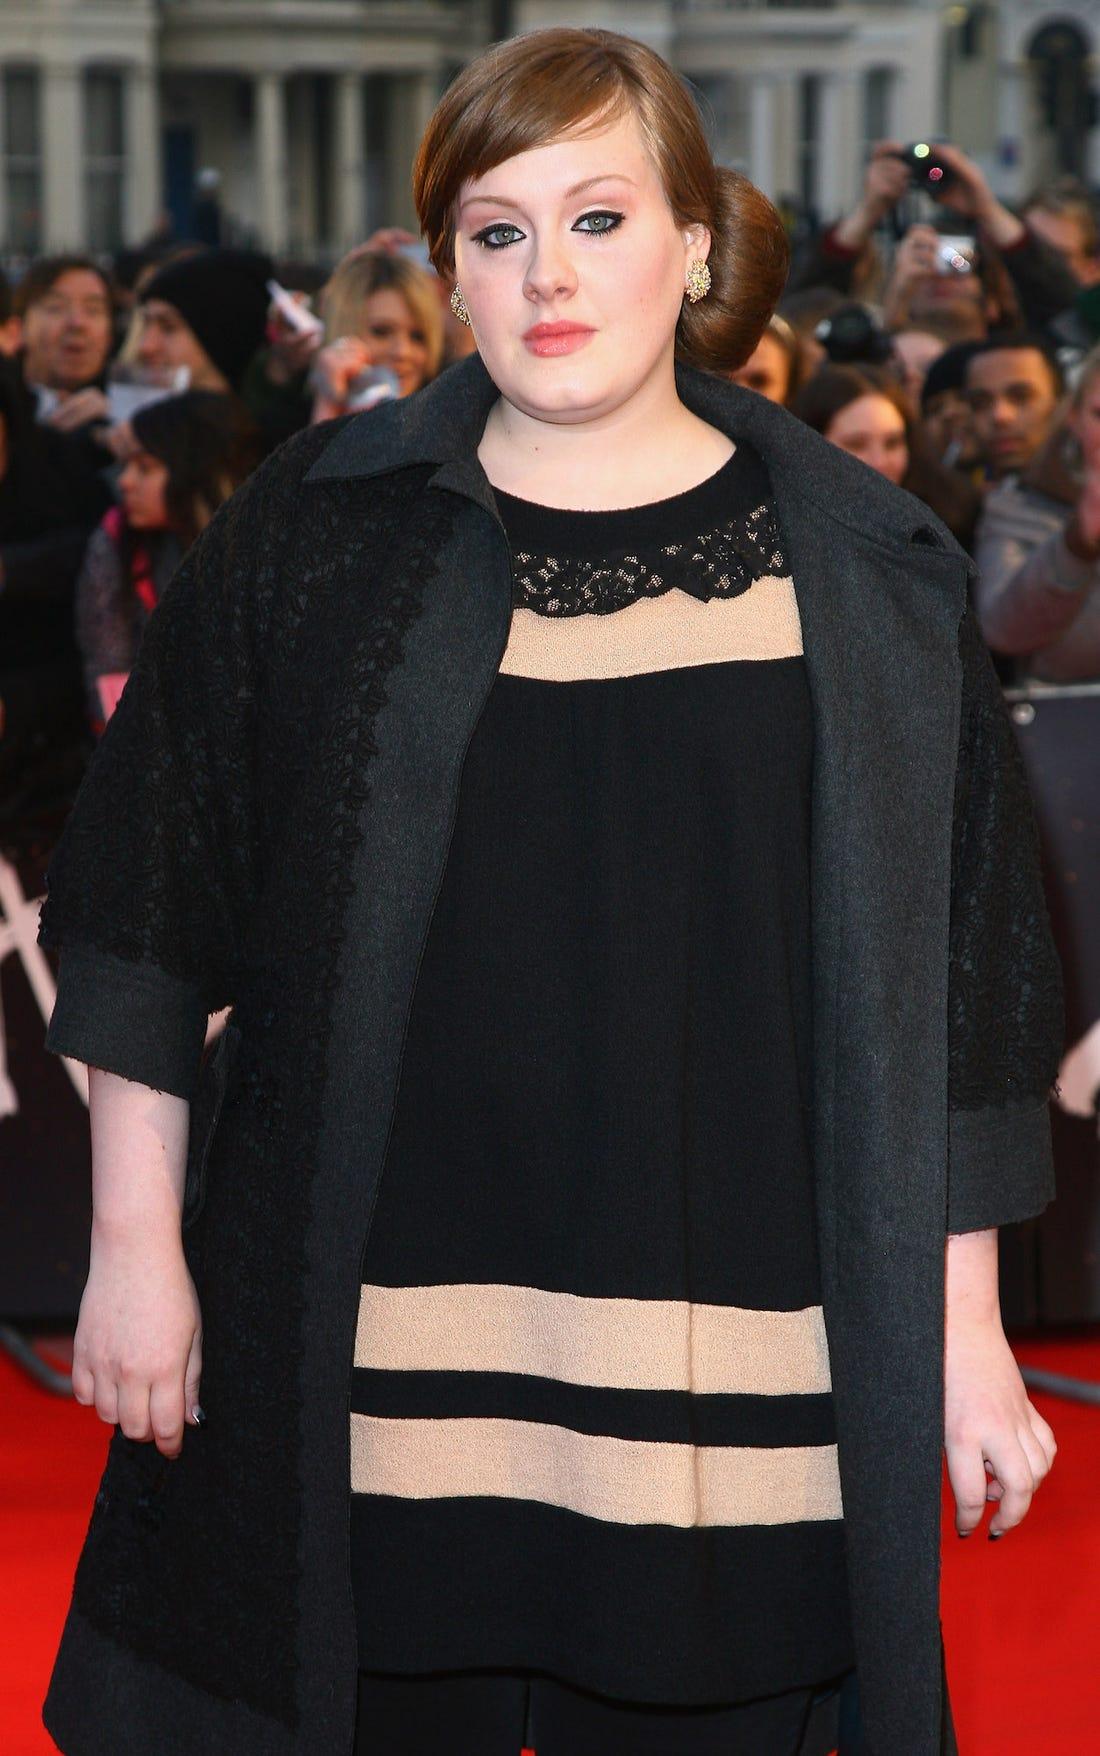 Adele dimagrita, ecco il metodo che ha seguito. Quanti kg ha perso e quanto pesa oggi